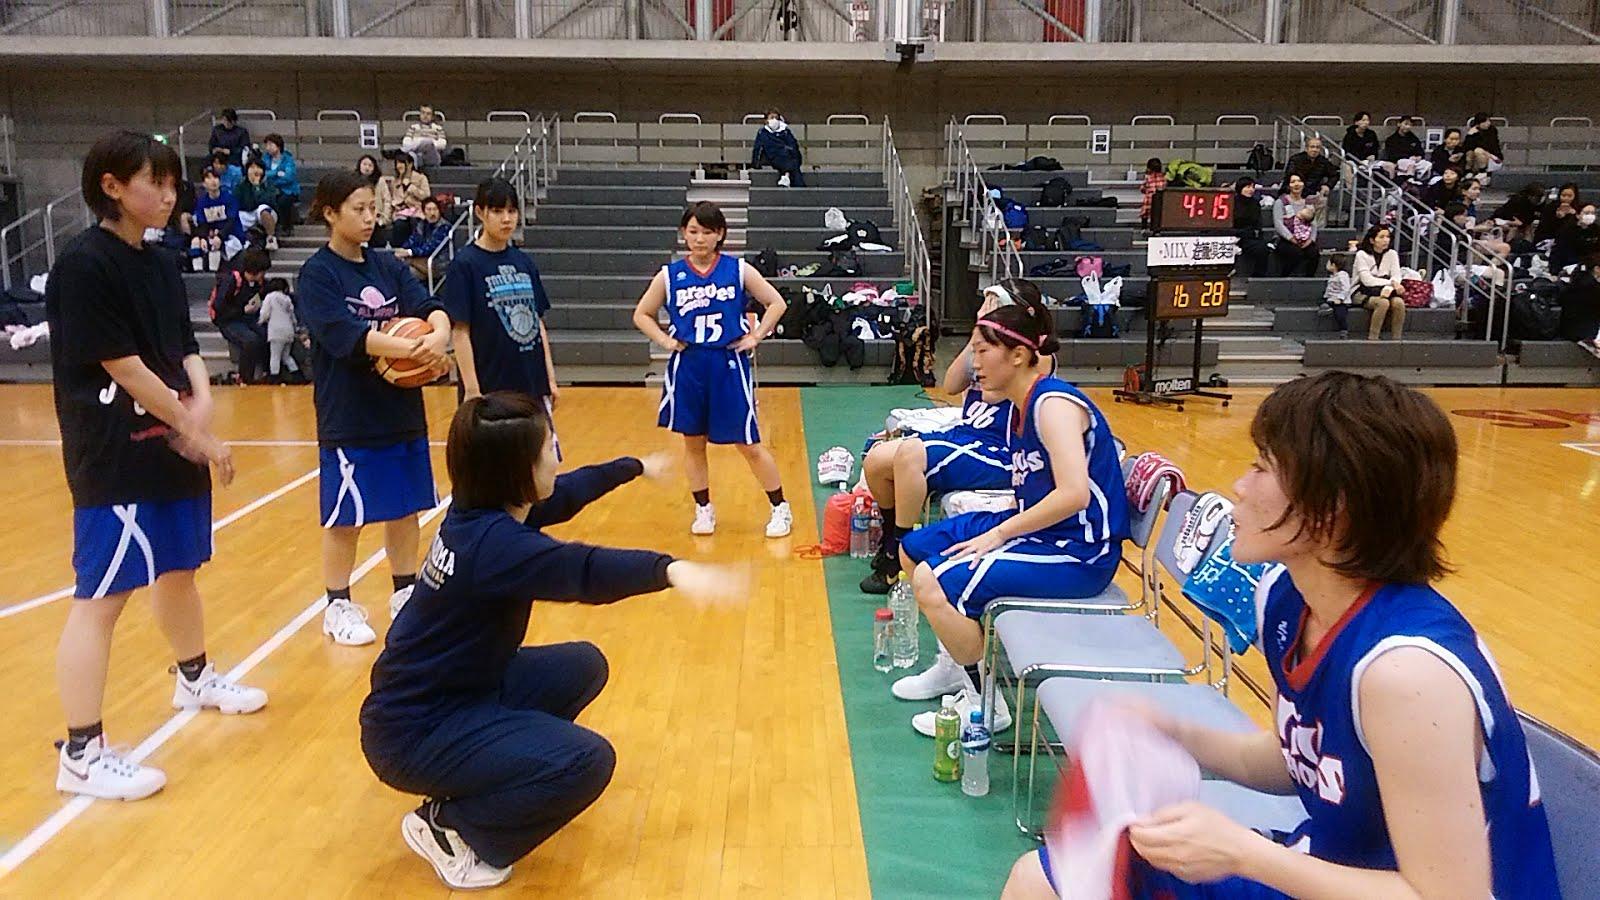 第30回全国高等学校バスケットボール選抜優勝大会